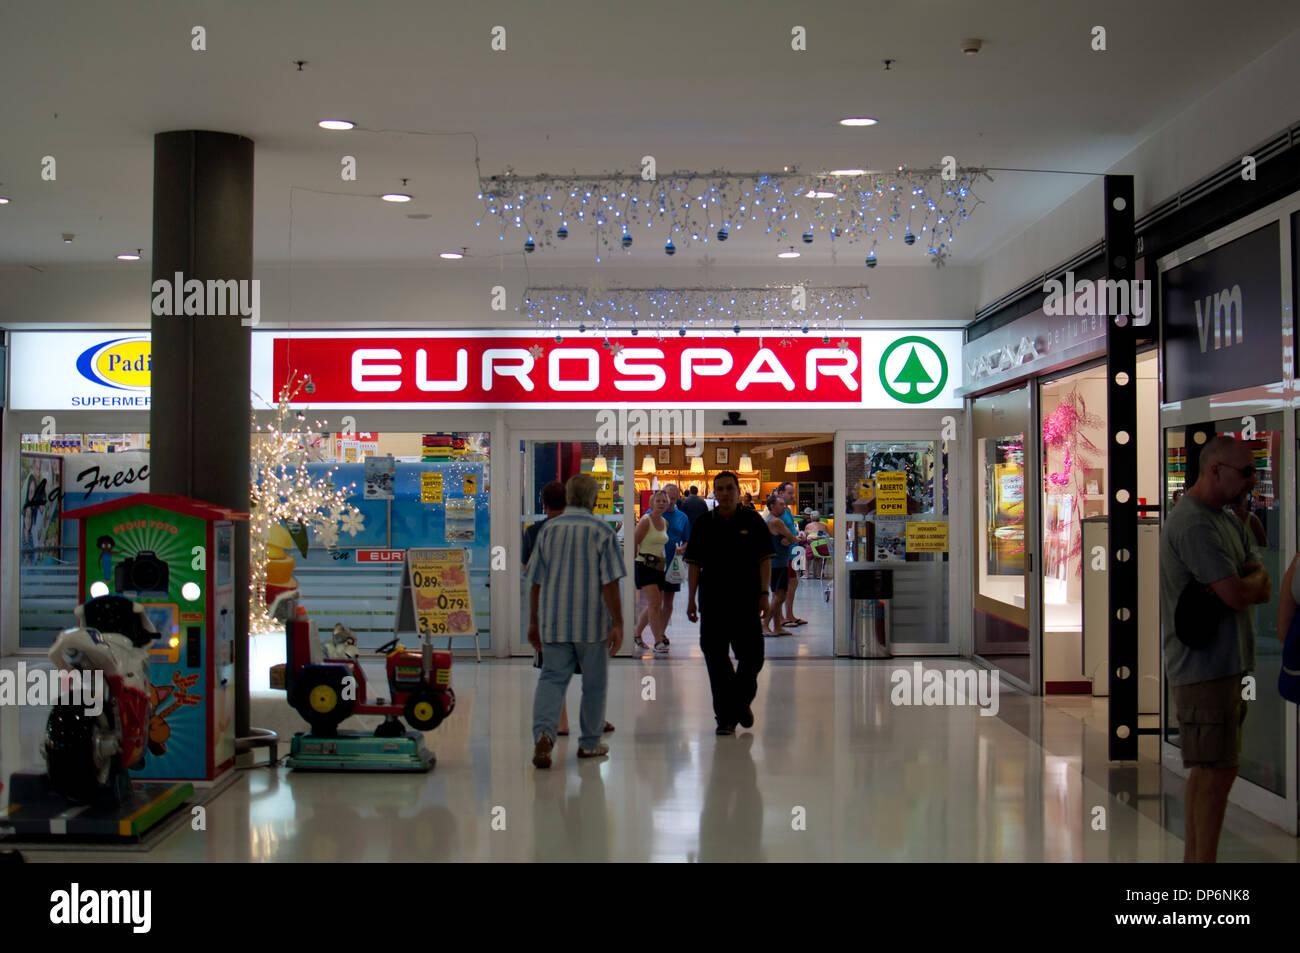 Eurospar supermarket centro comercial atlantico shopping - Centro comercial moda shoping ...